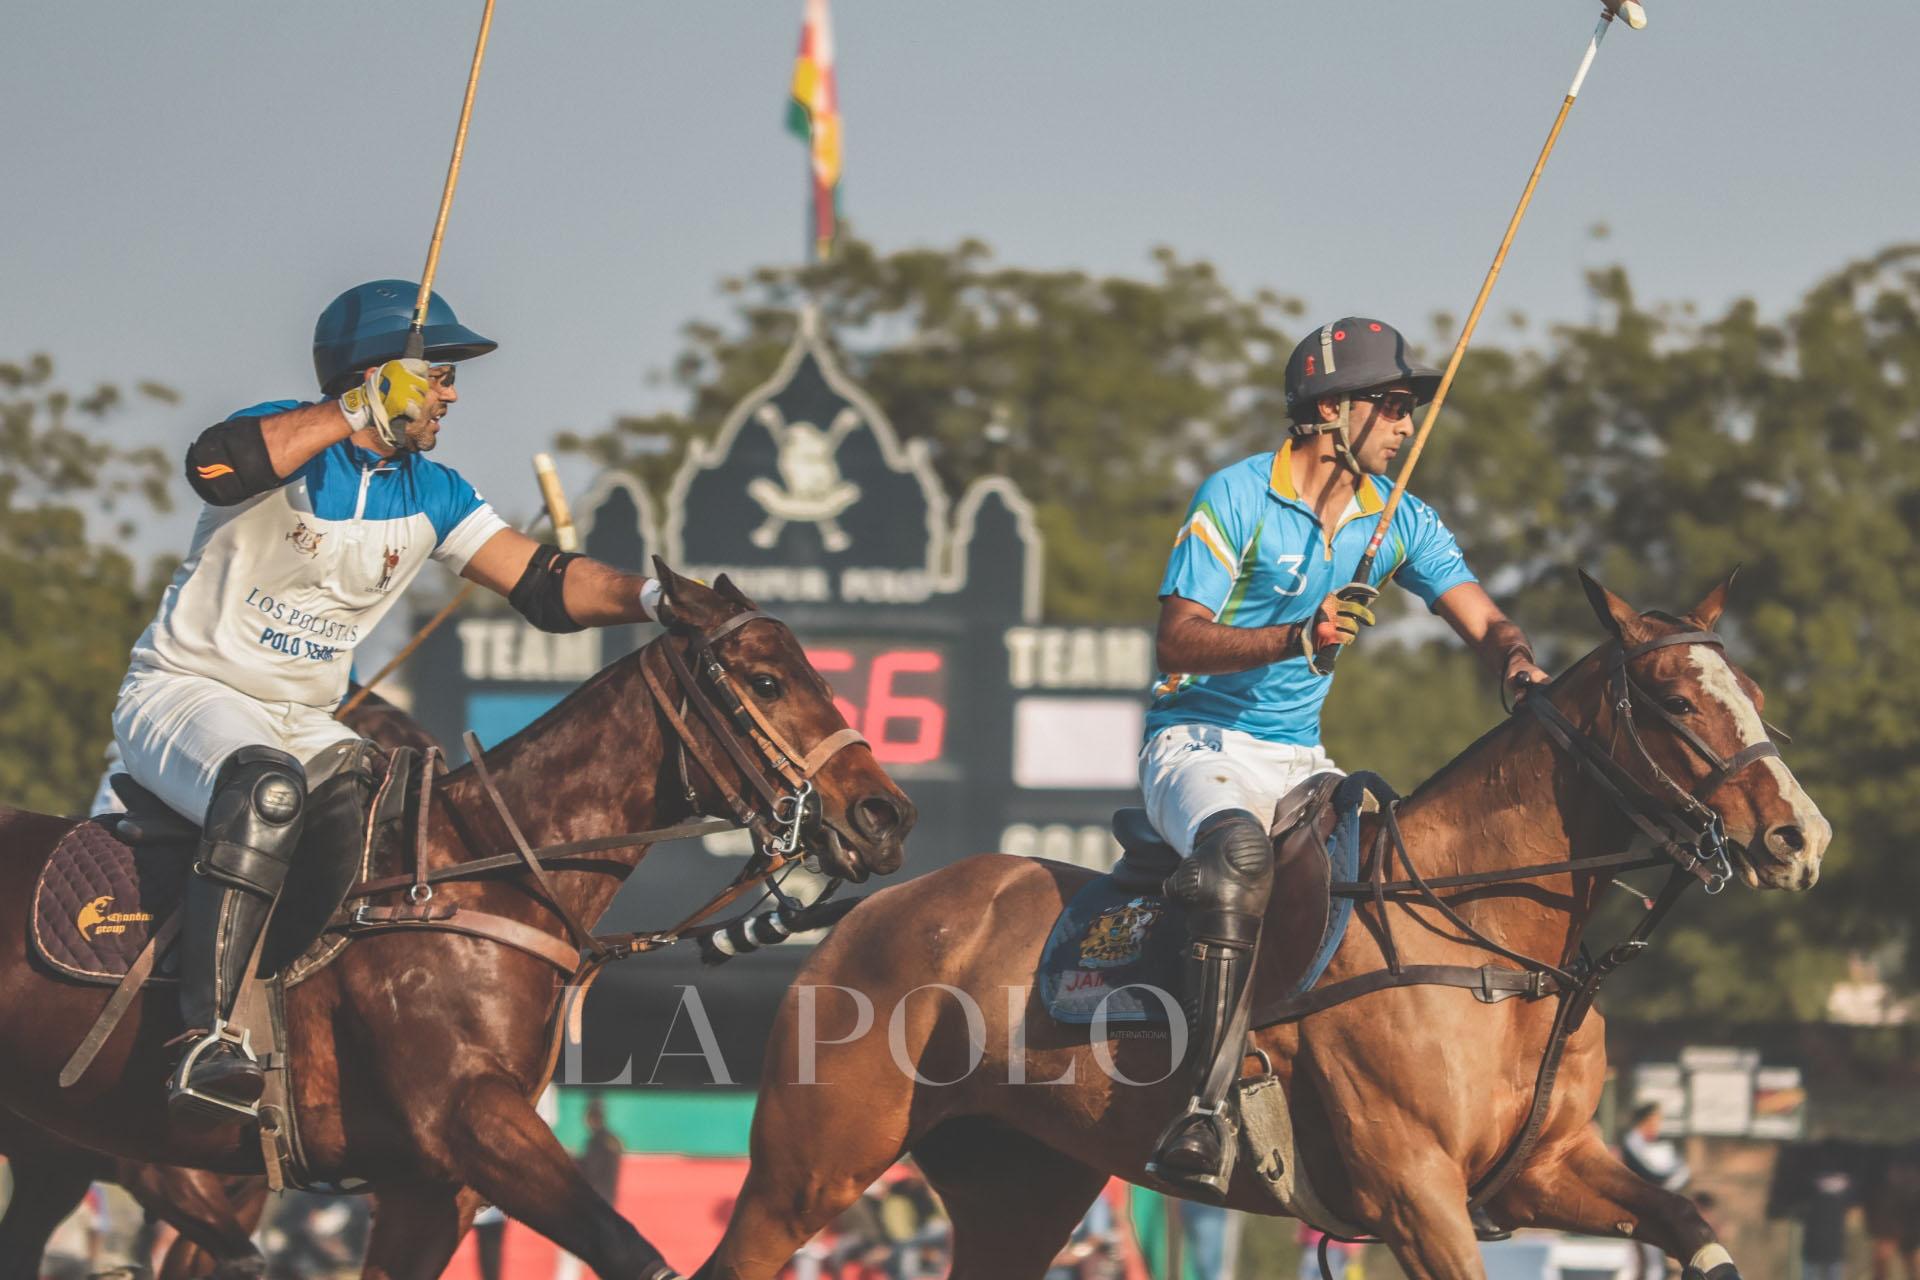 SAHARA WARRIORS OVERCAME LOS POLISTAS AT THE RAJPUTANA & CENTRAL INDIA CUP (10 Goals), 21ST JODHPUR POLO SEASON, 2020!